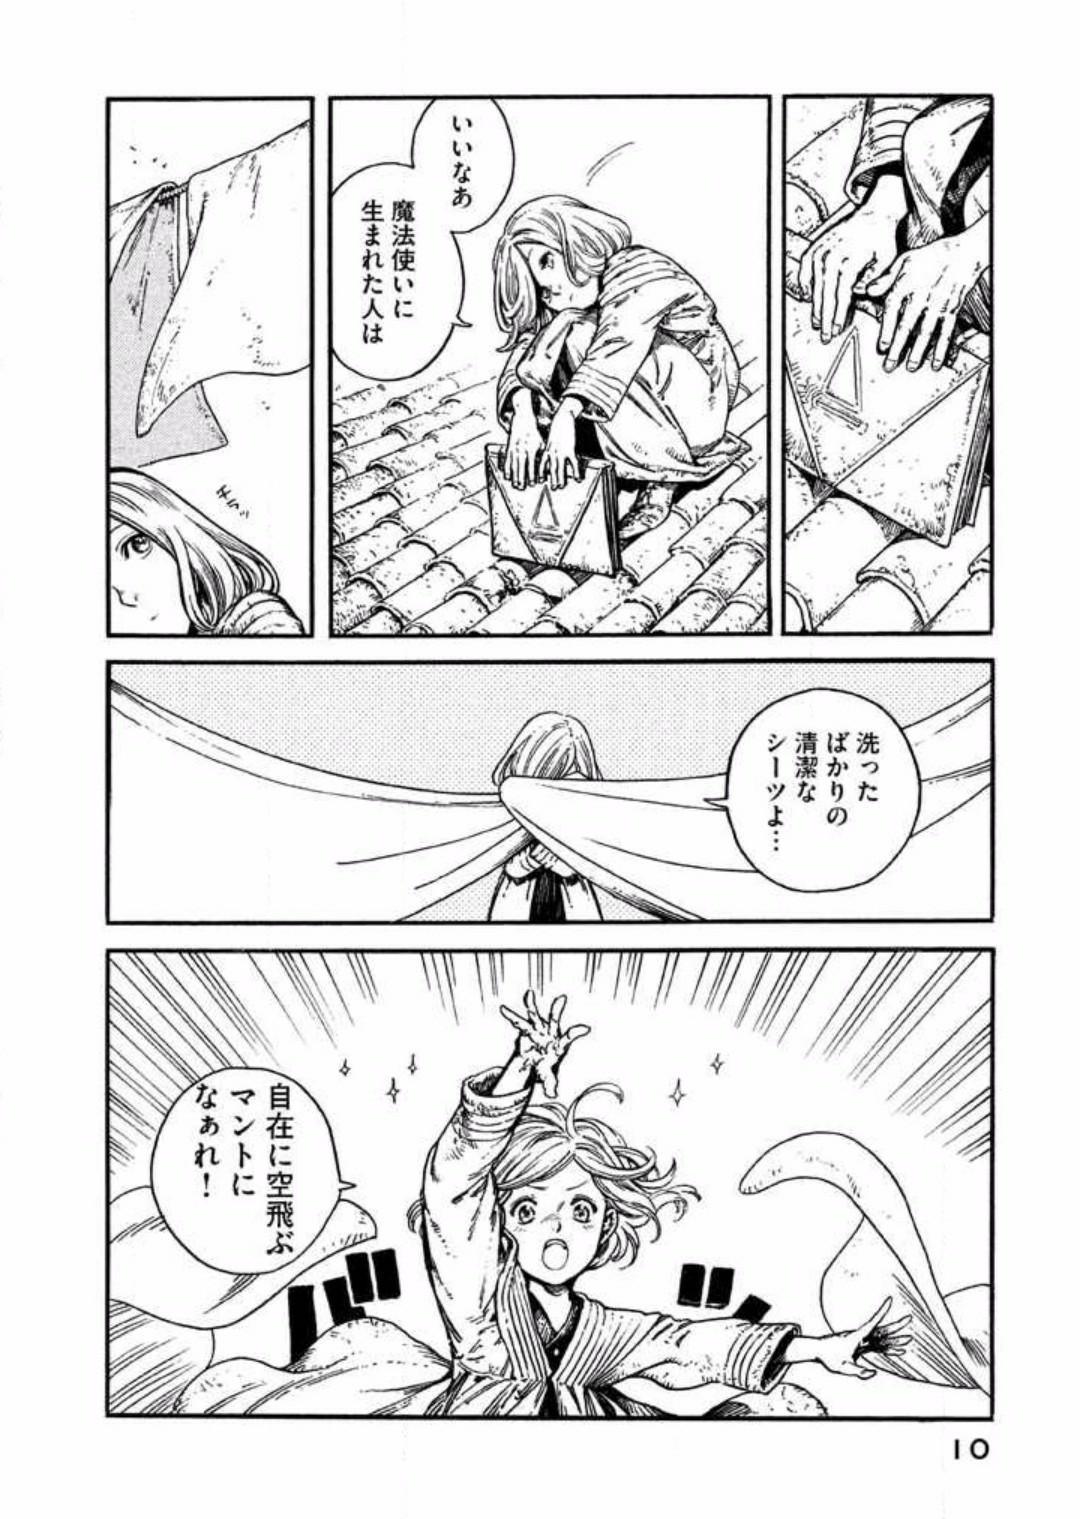 魔法使いに憧れを抱く少女【ココ】